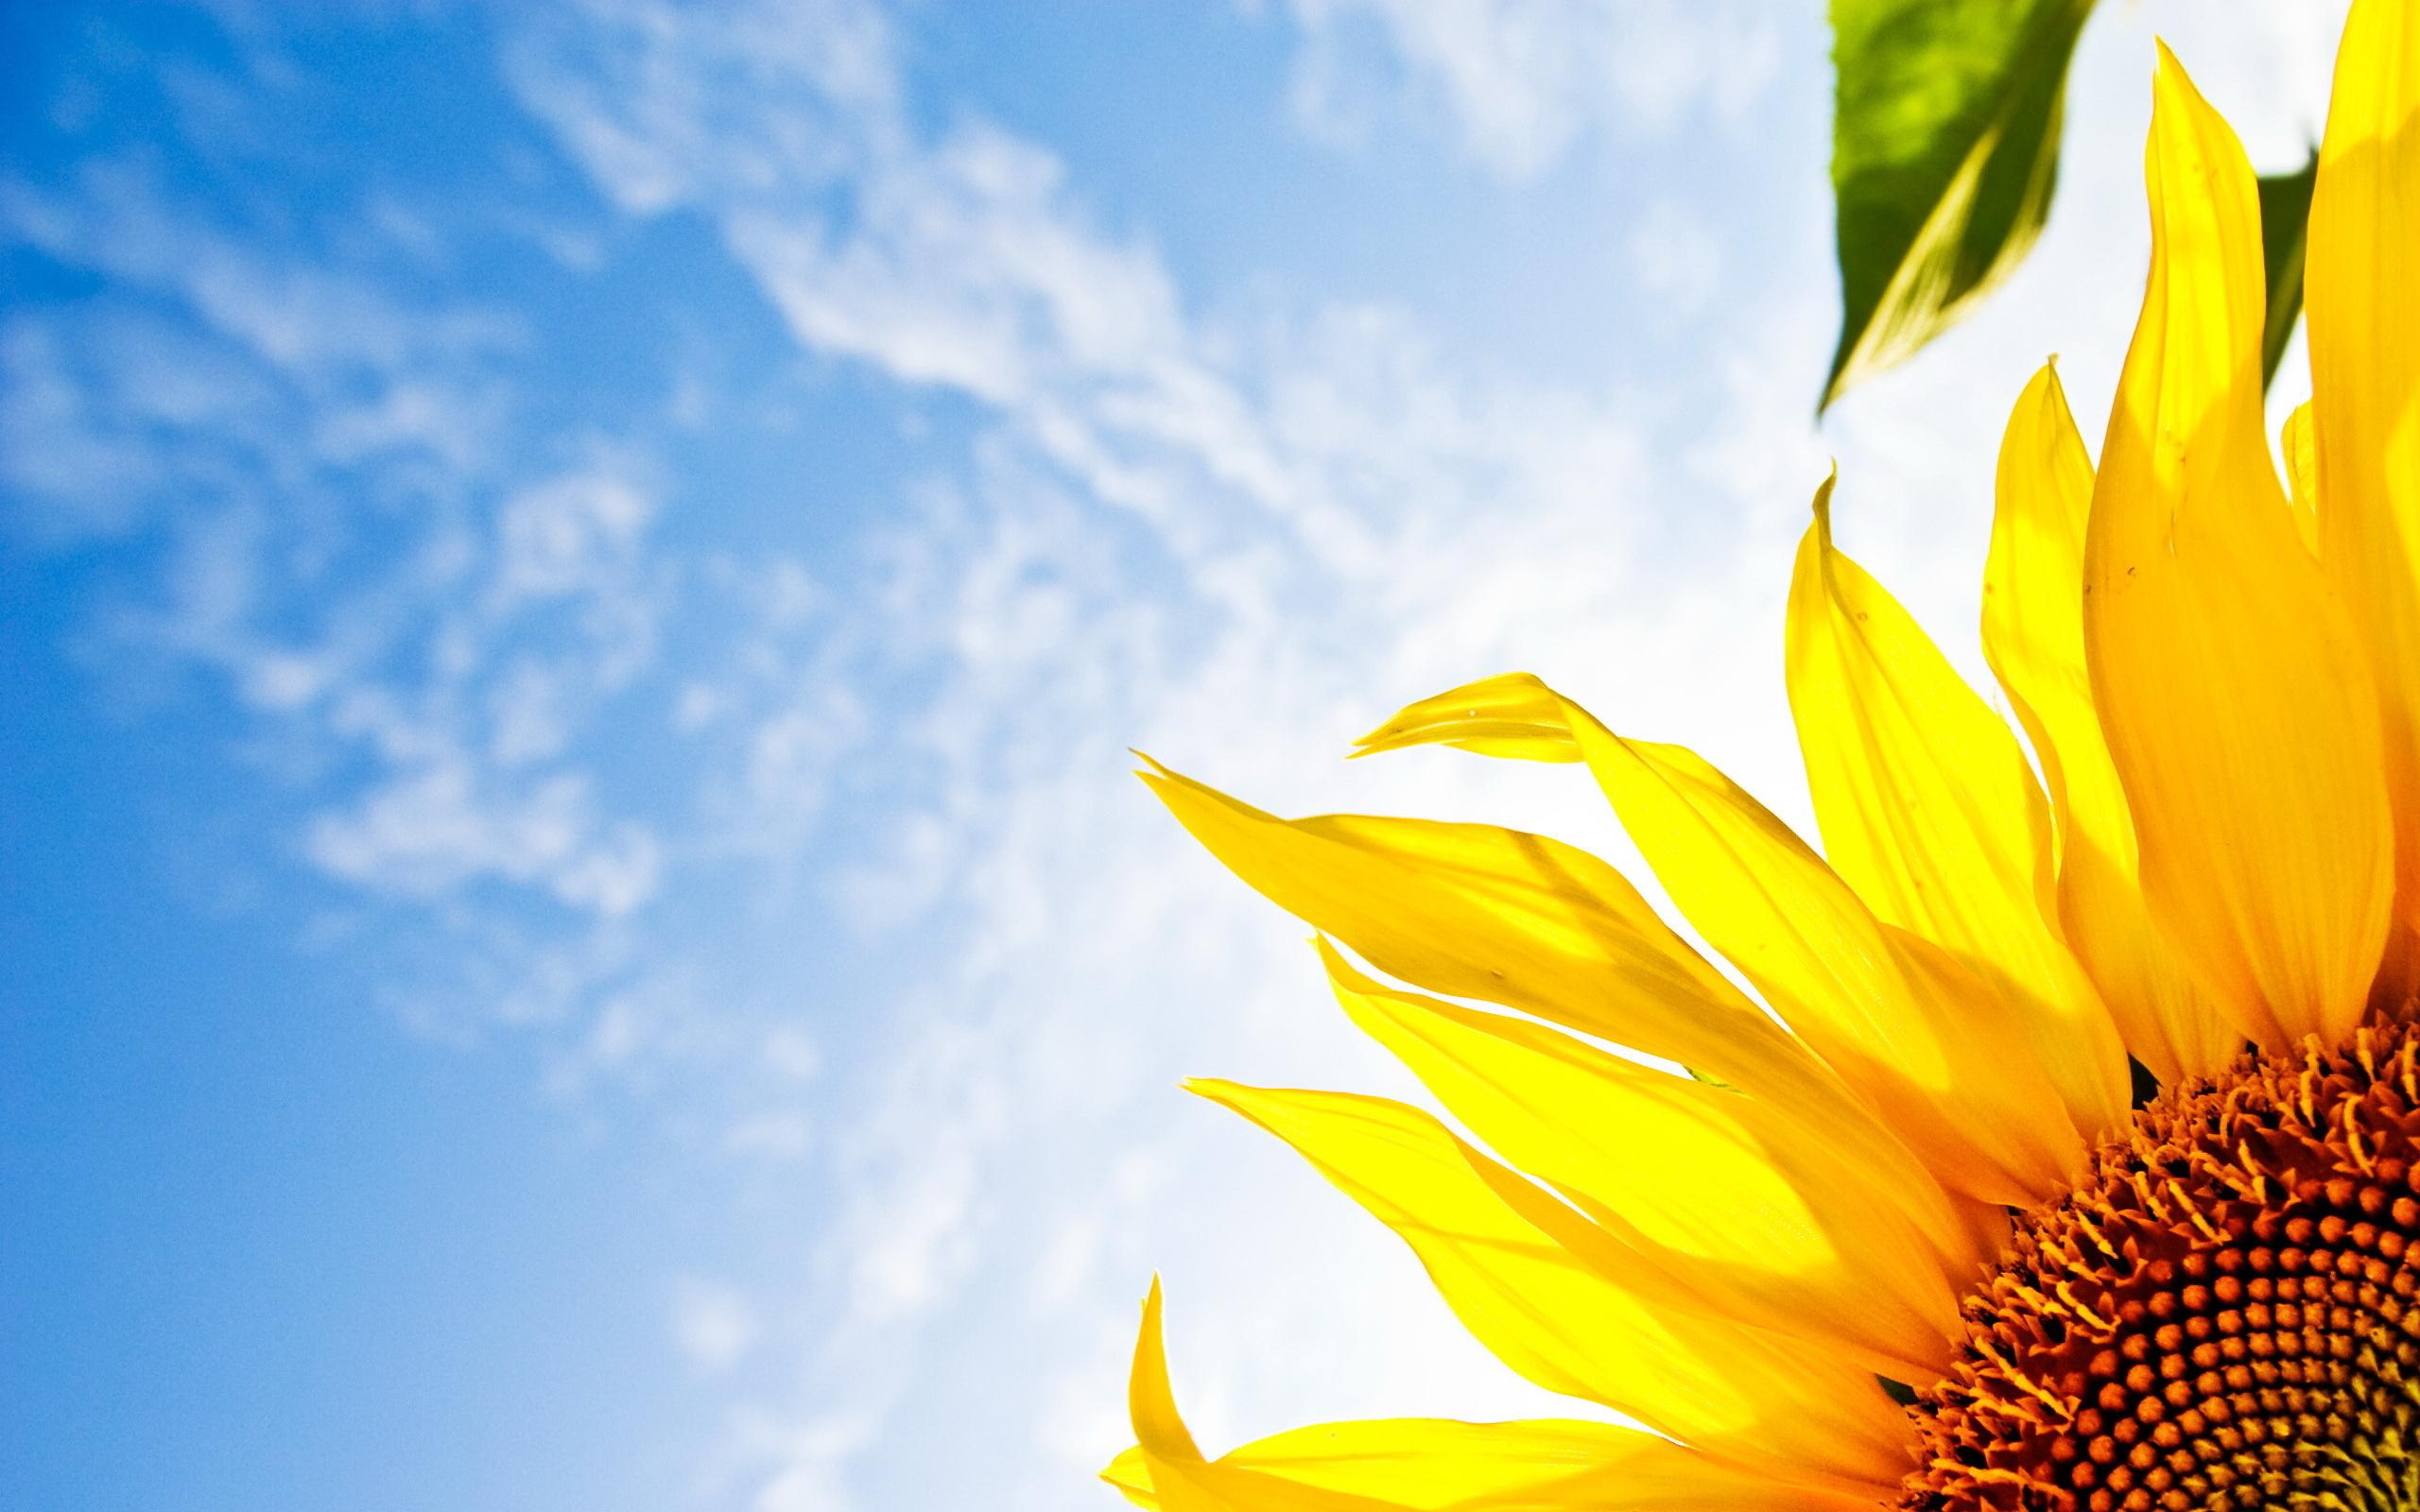 13216 免費下載壁紙 植物, 向日葵 屏保和圖片